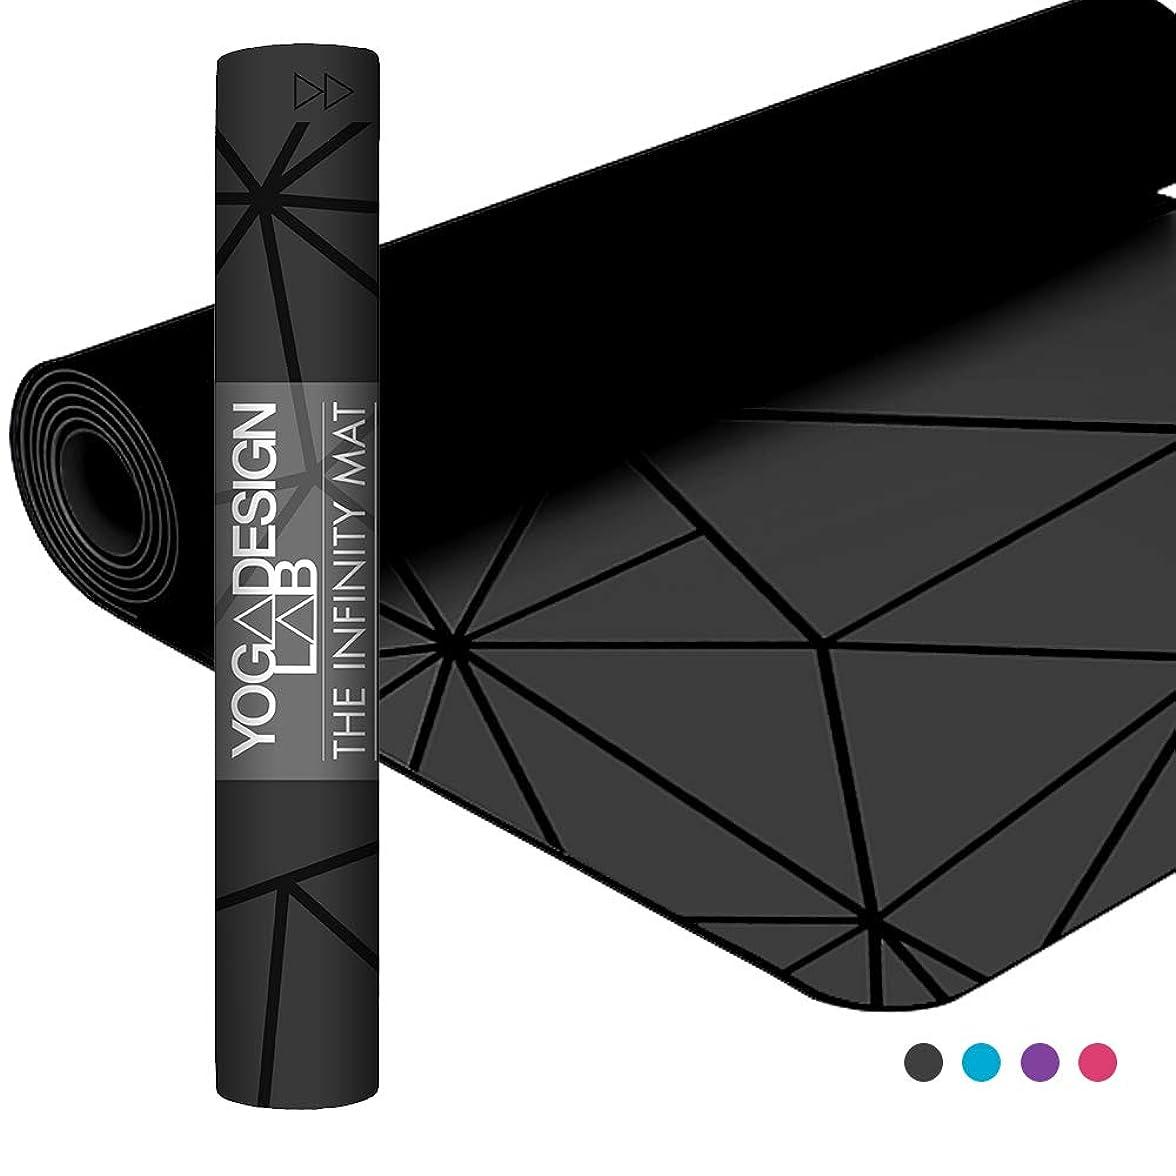 囲い記事前述のYoga Design Lab (ヨガデザインラボ) ヨガマット 厚さ 5 mm インフィニティマット ストラップ付 滑り止め グリップ力 エコフレンドリー